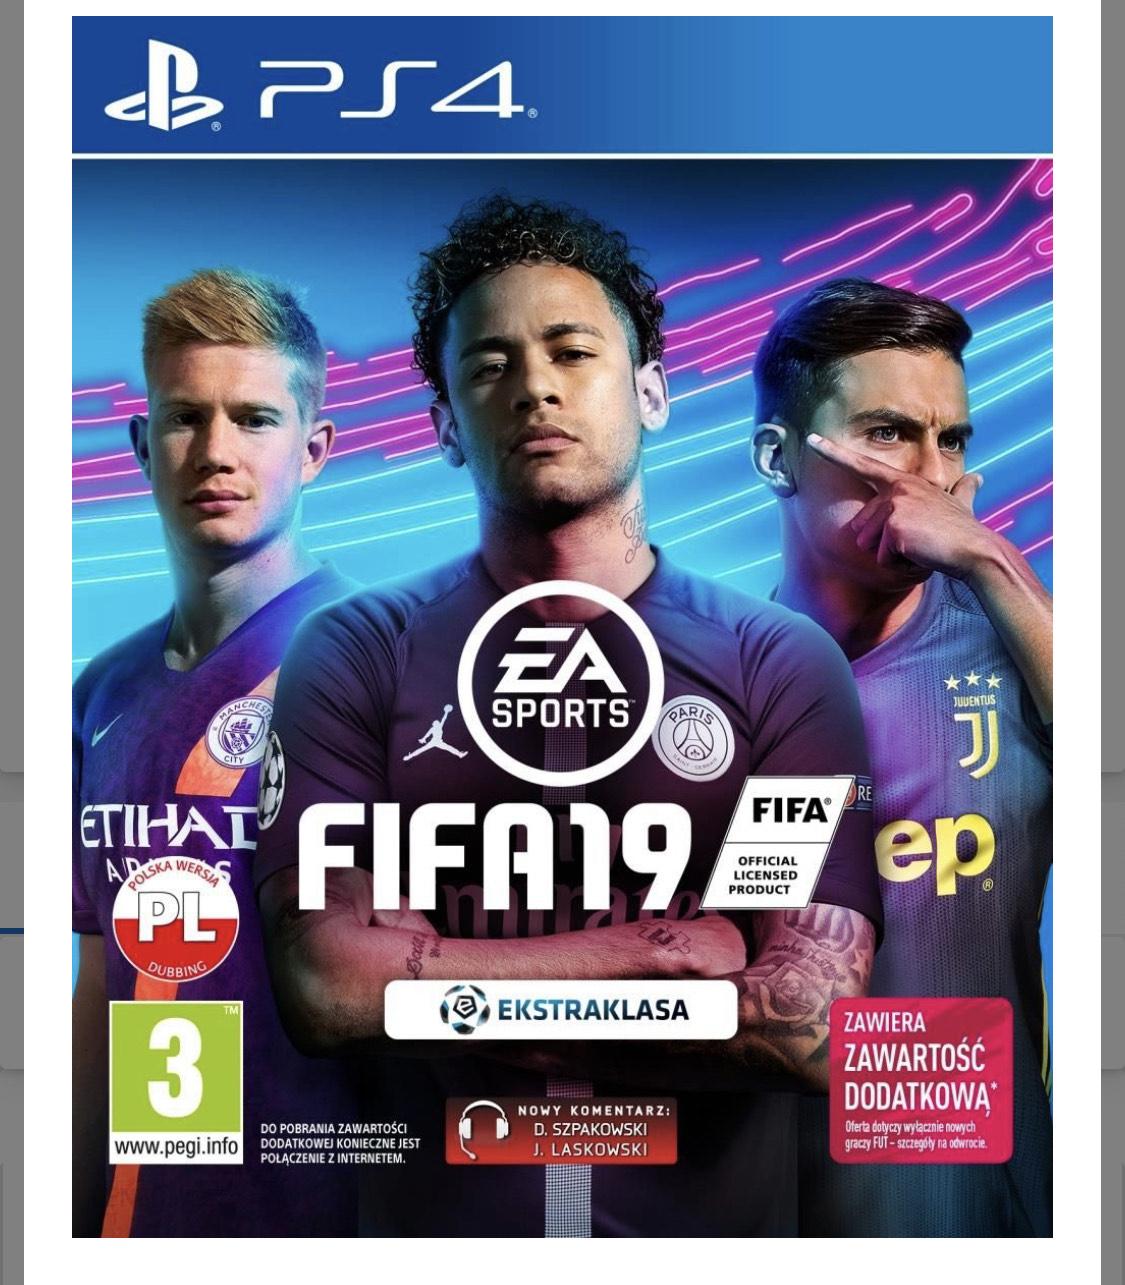 FIFA 19 PS4 media markt